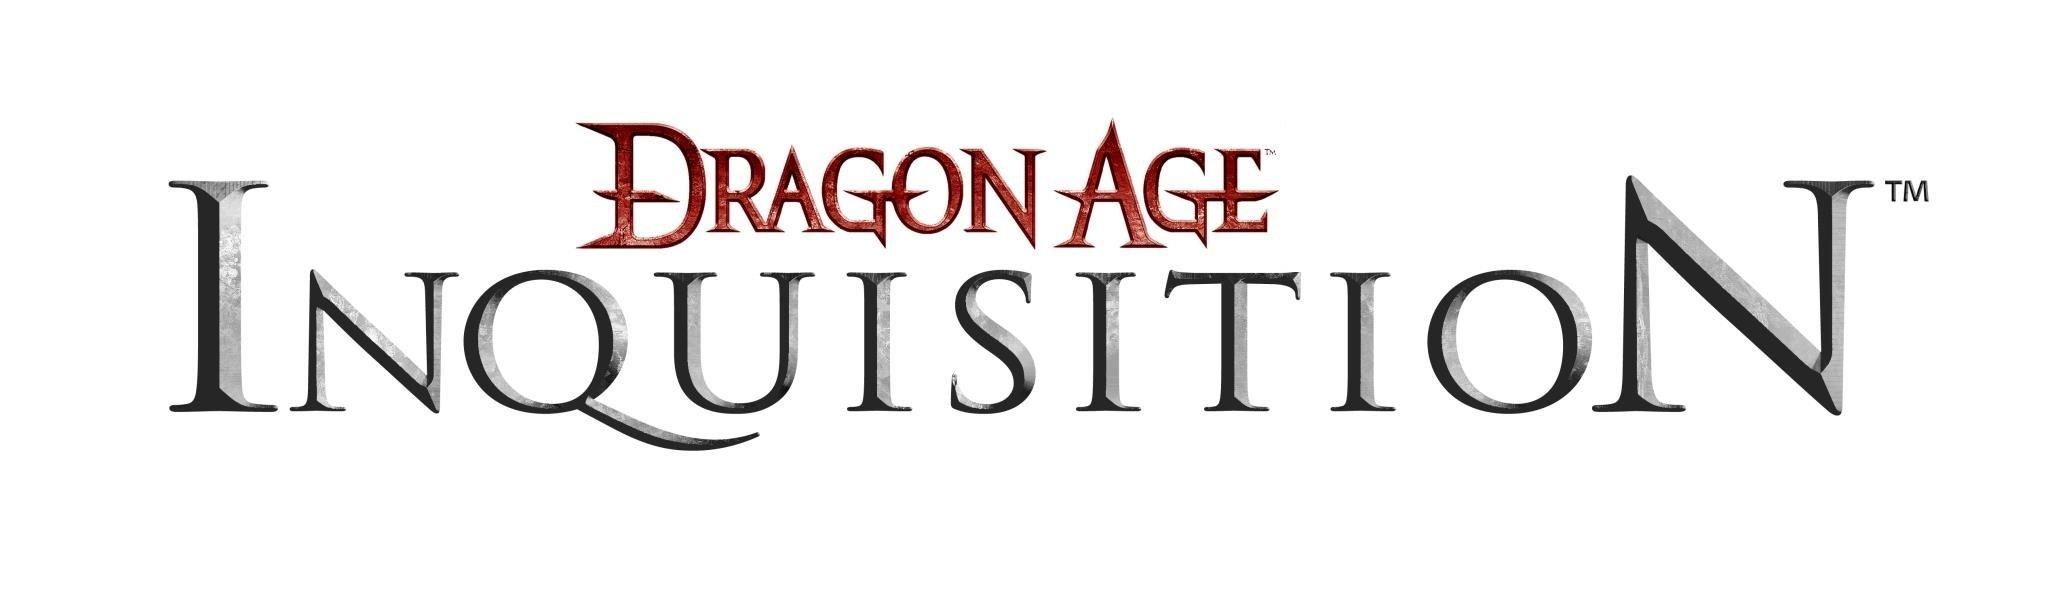 Dragon Age: Инквизиция Attention! Внимание! - Изображение 1